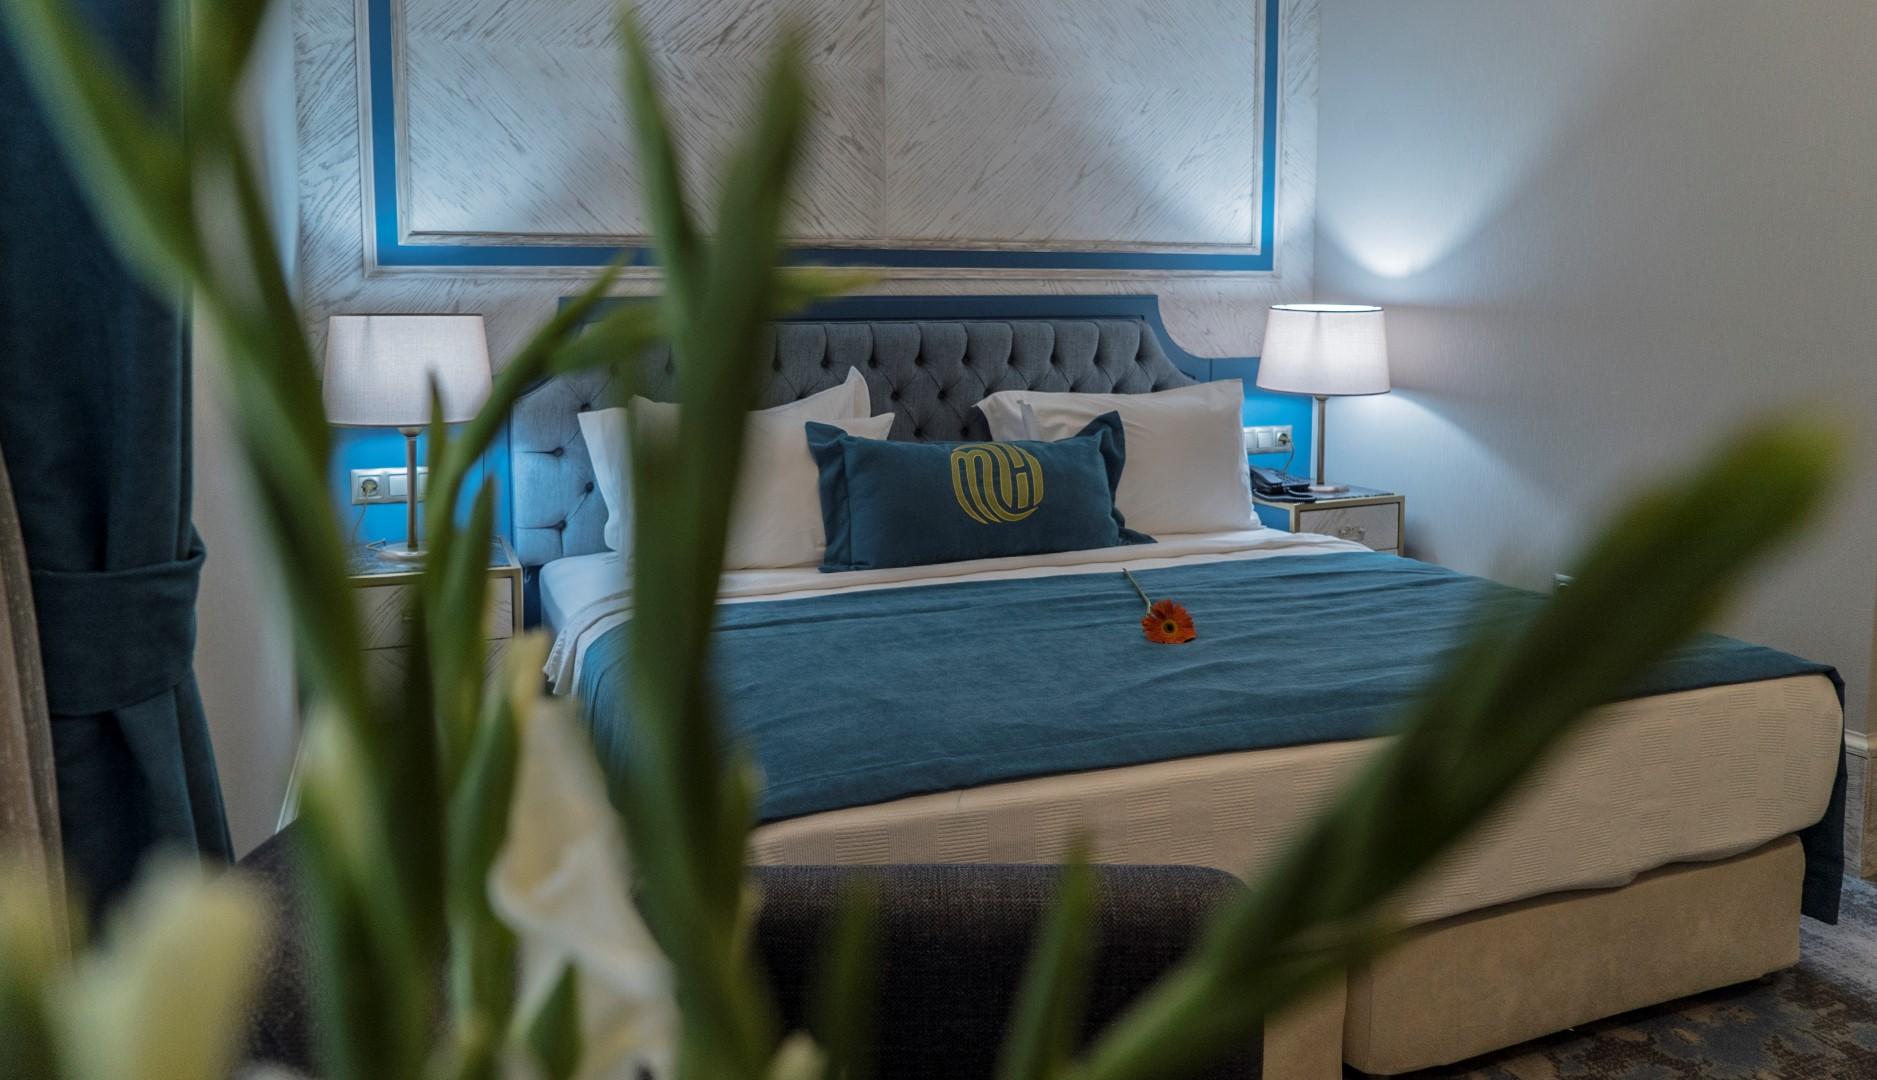 Mirart Hotel - standart oda standart room 7